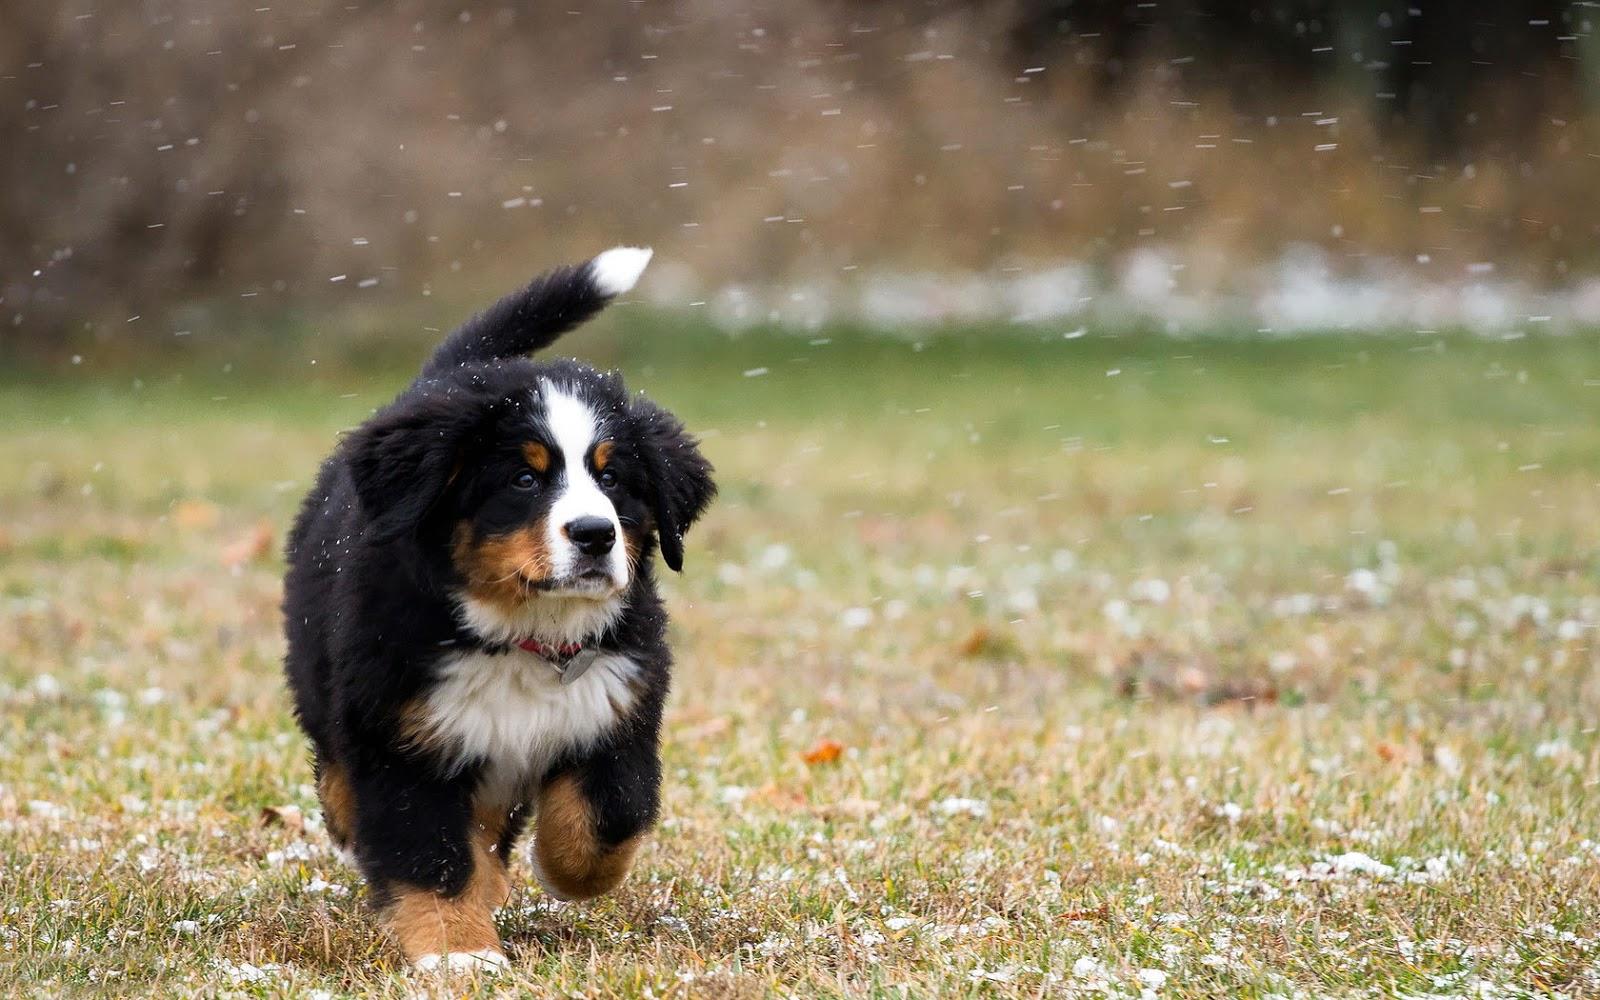 Cuccioli di allevamento: come mi devo comportare?